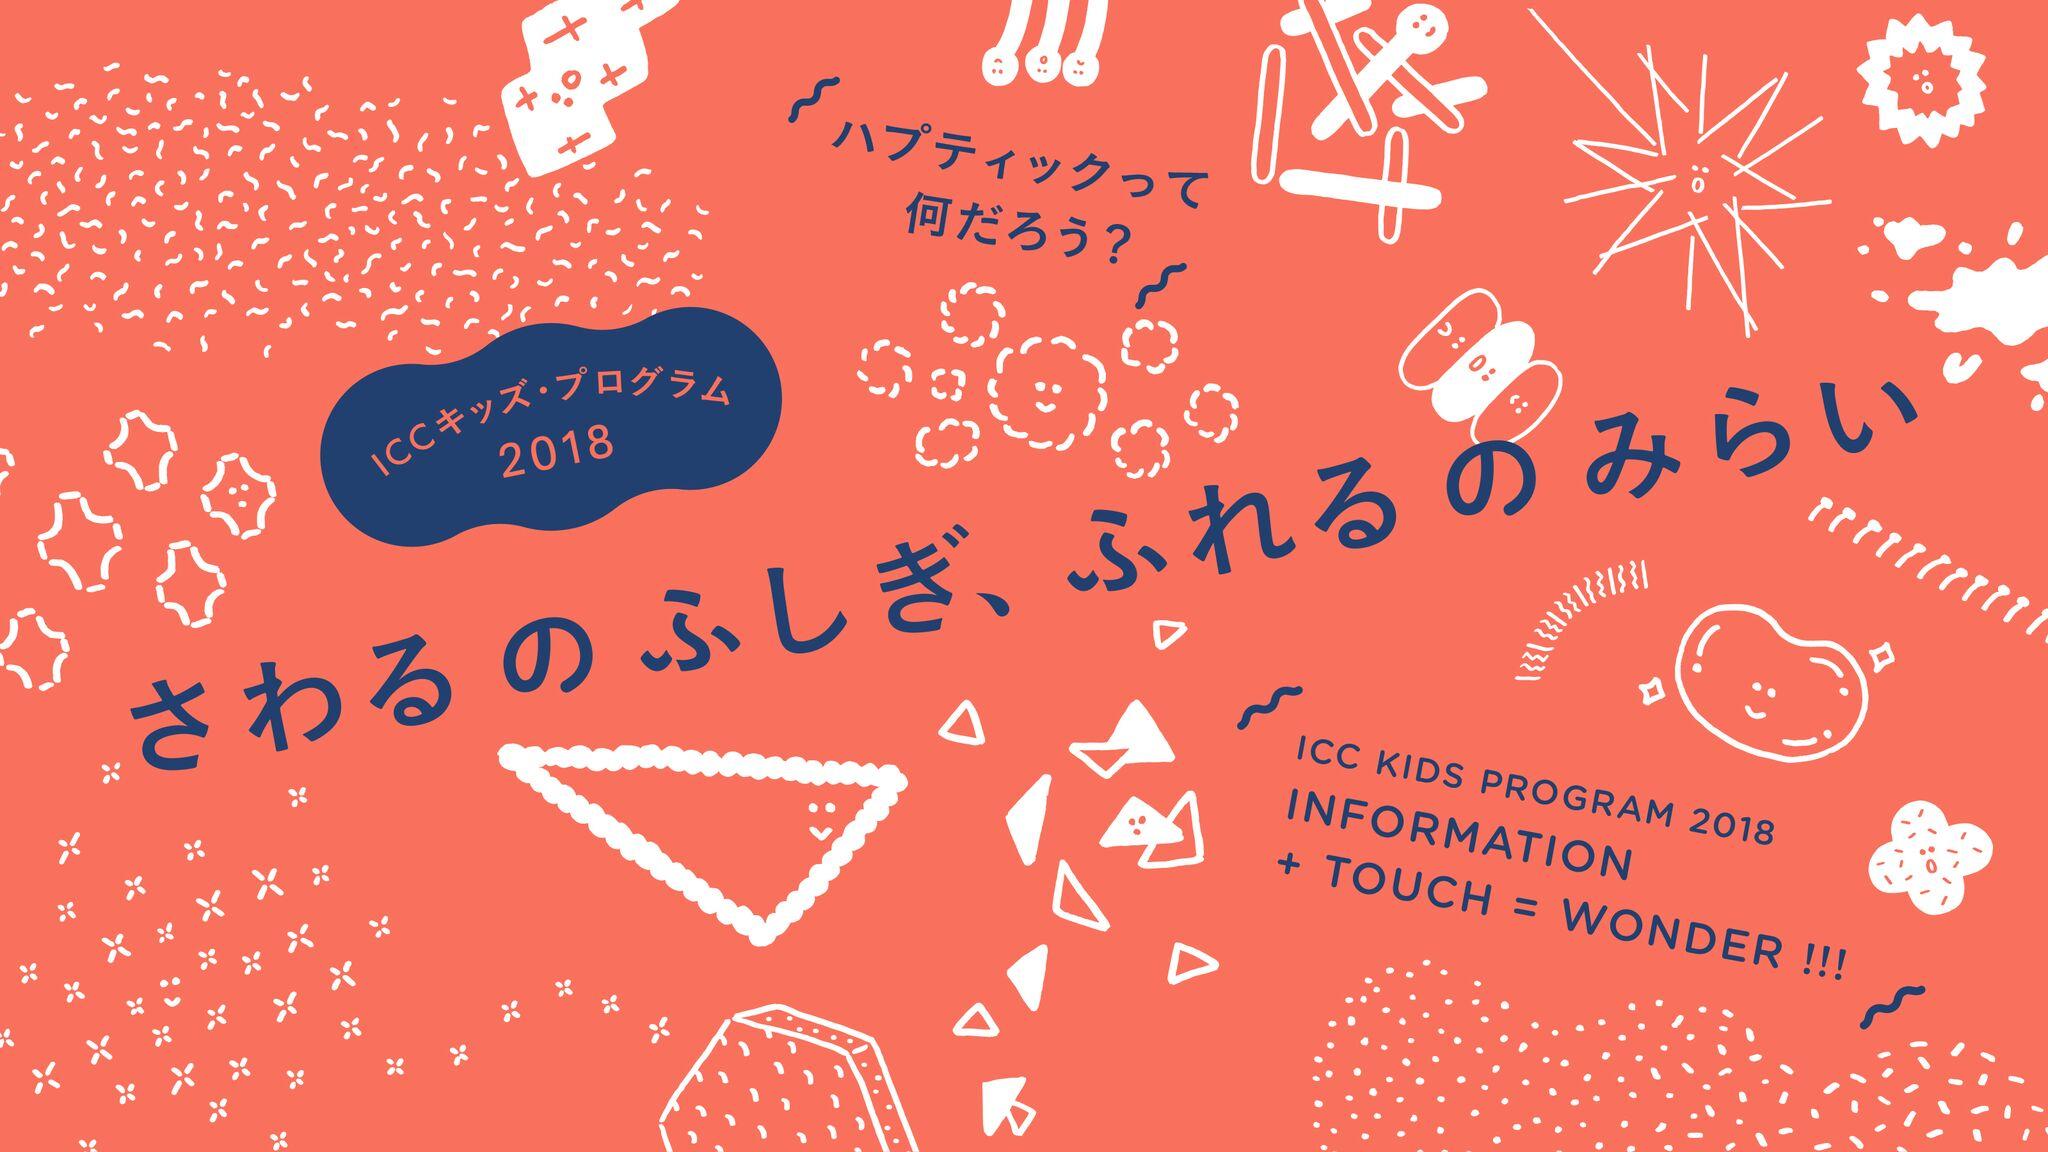 【News】NTTインターコミュニケーション・センター [ICC] 夏休みイベント「ICC キッズ・プログラム 2018 さわるのふしぎ、ふれるのみらい」にHAPTIC DESIGN PROJECTも企画協力